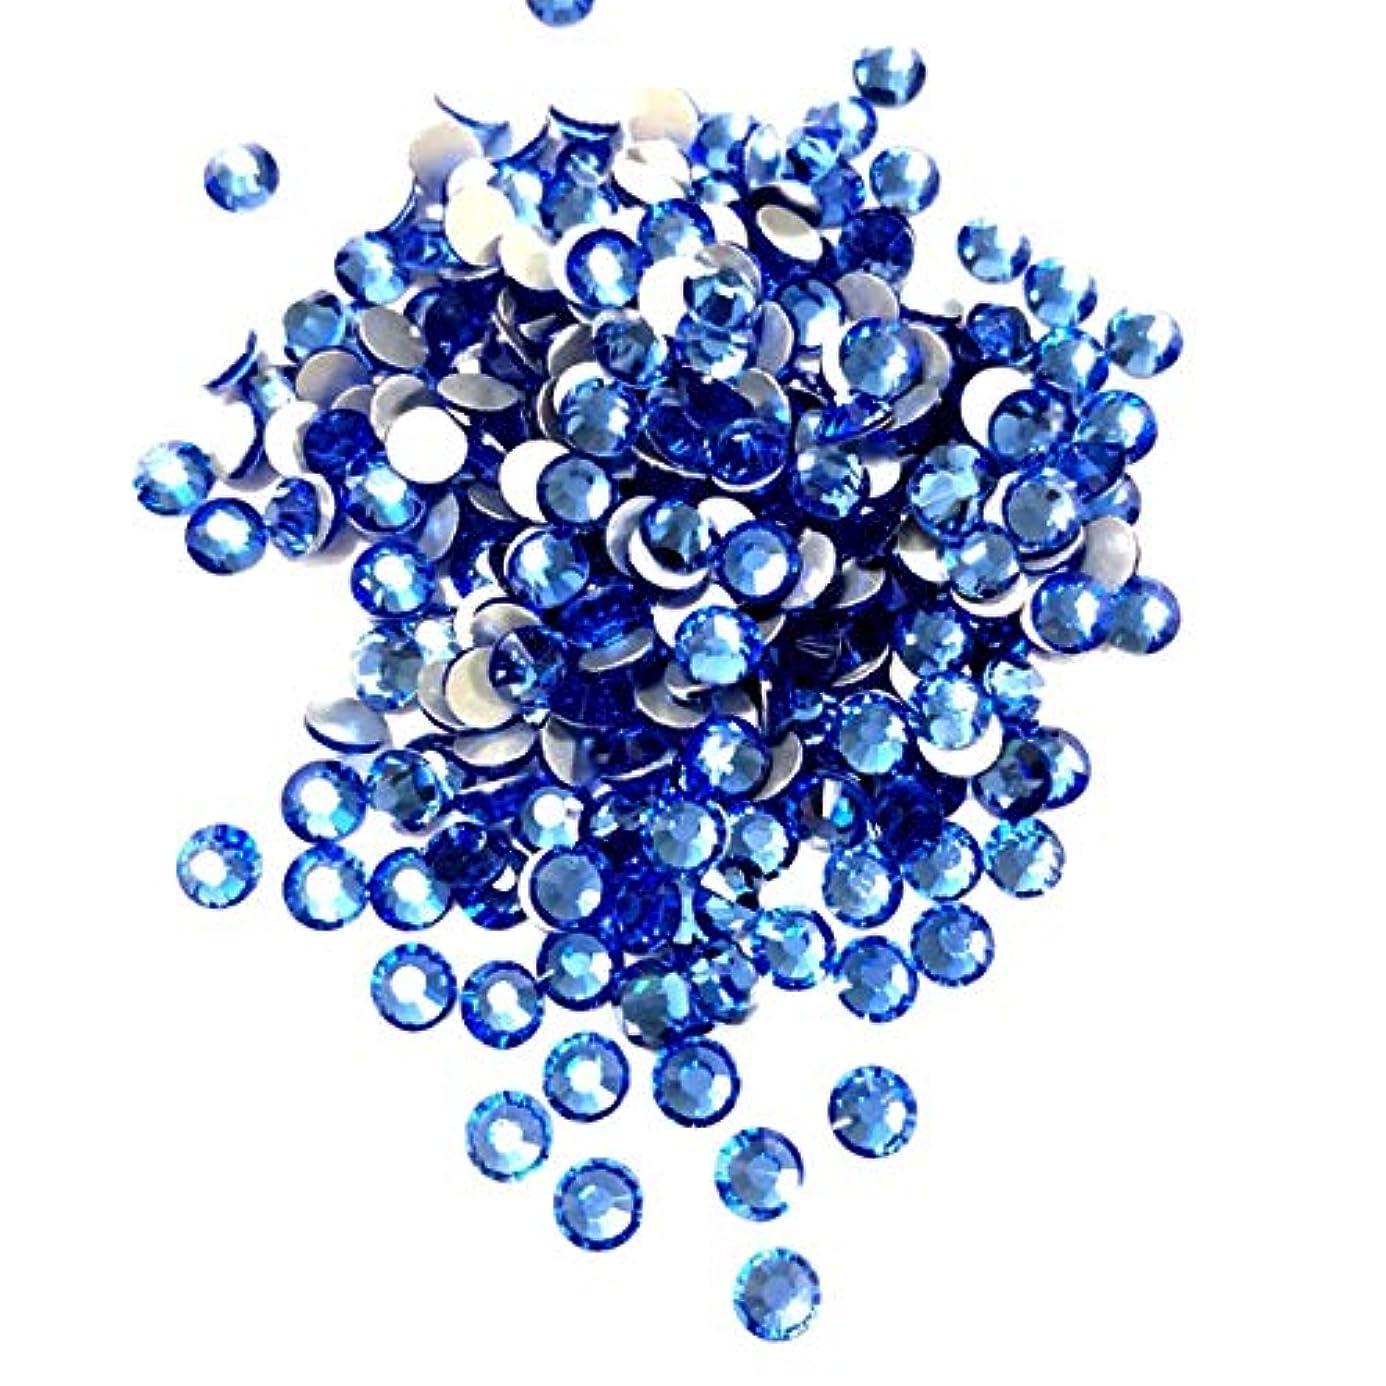 ヘッジ換気勤勉【ネイルウーマン】最高品質ガラスストーン!スワロ同等の輝き! ライトサファイア ブルー 水色 (約100粒入り) (ライトサファイア) (SS5, ライトサファイア)